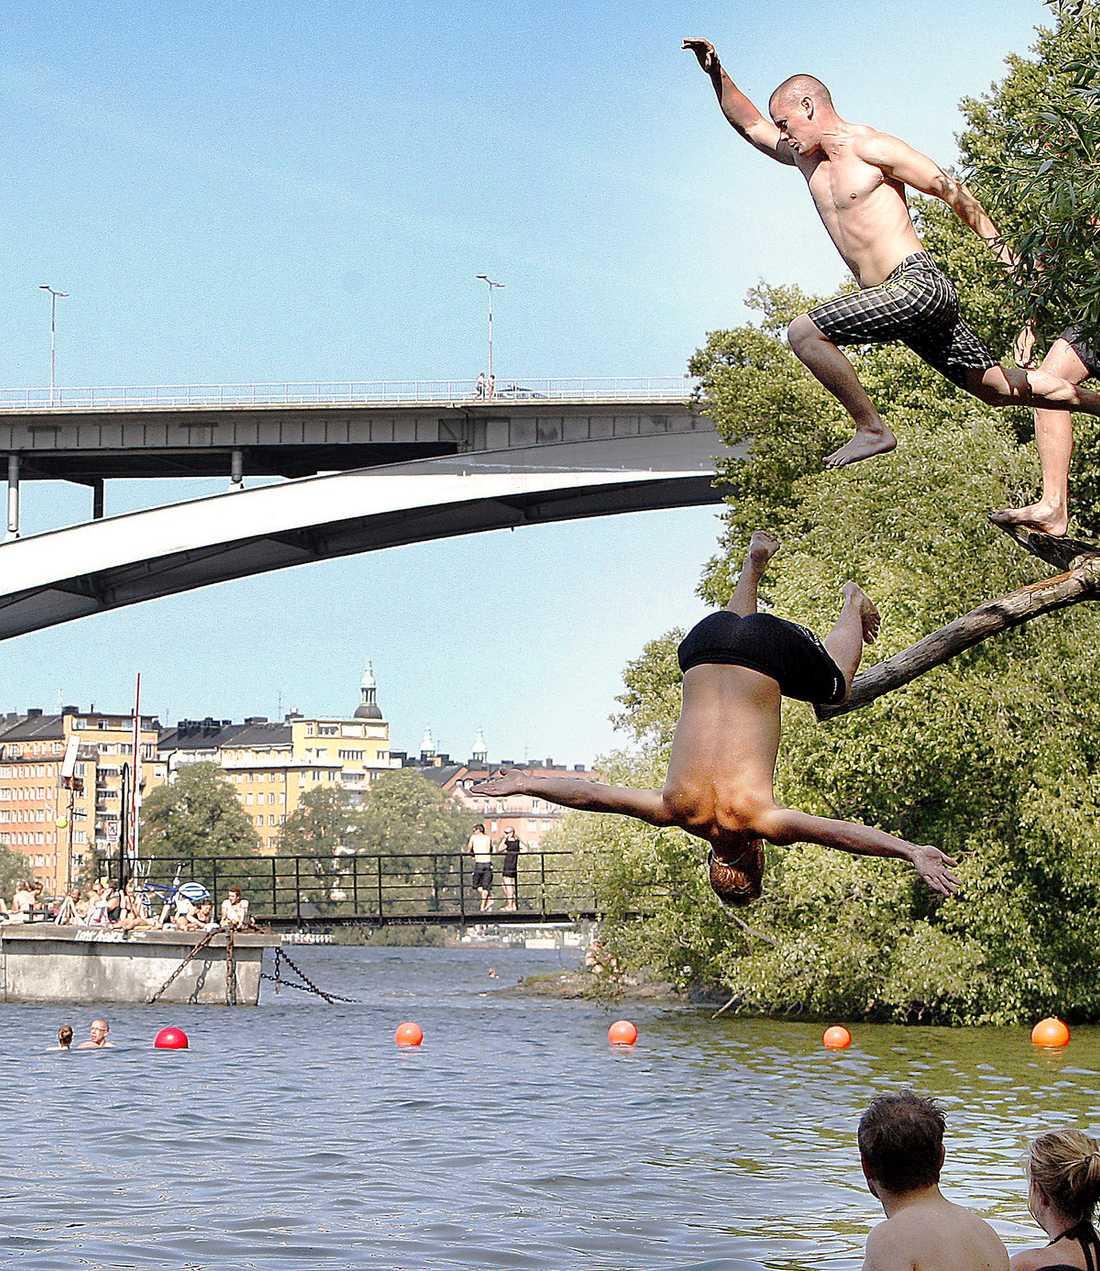 HOPP OM BAD Passa på, i helgen slår värmeböljan till i stora delar av Sverige. Så på med badkläderna och njut av temperaturer kring 25 grader.